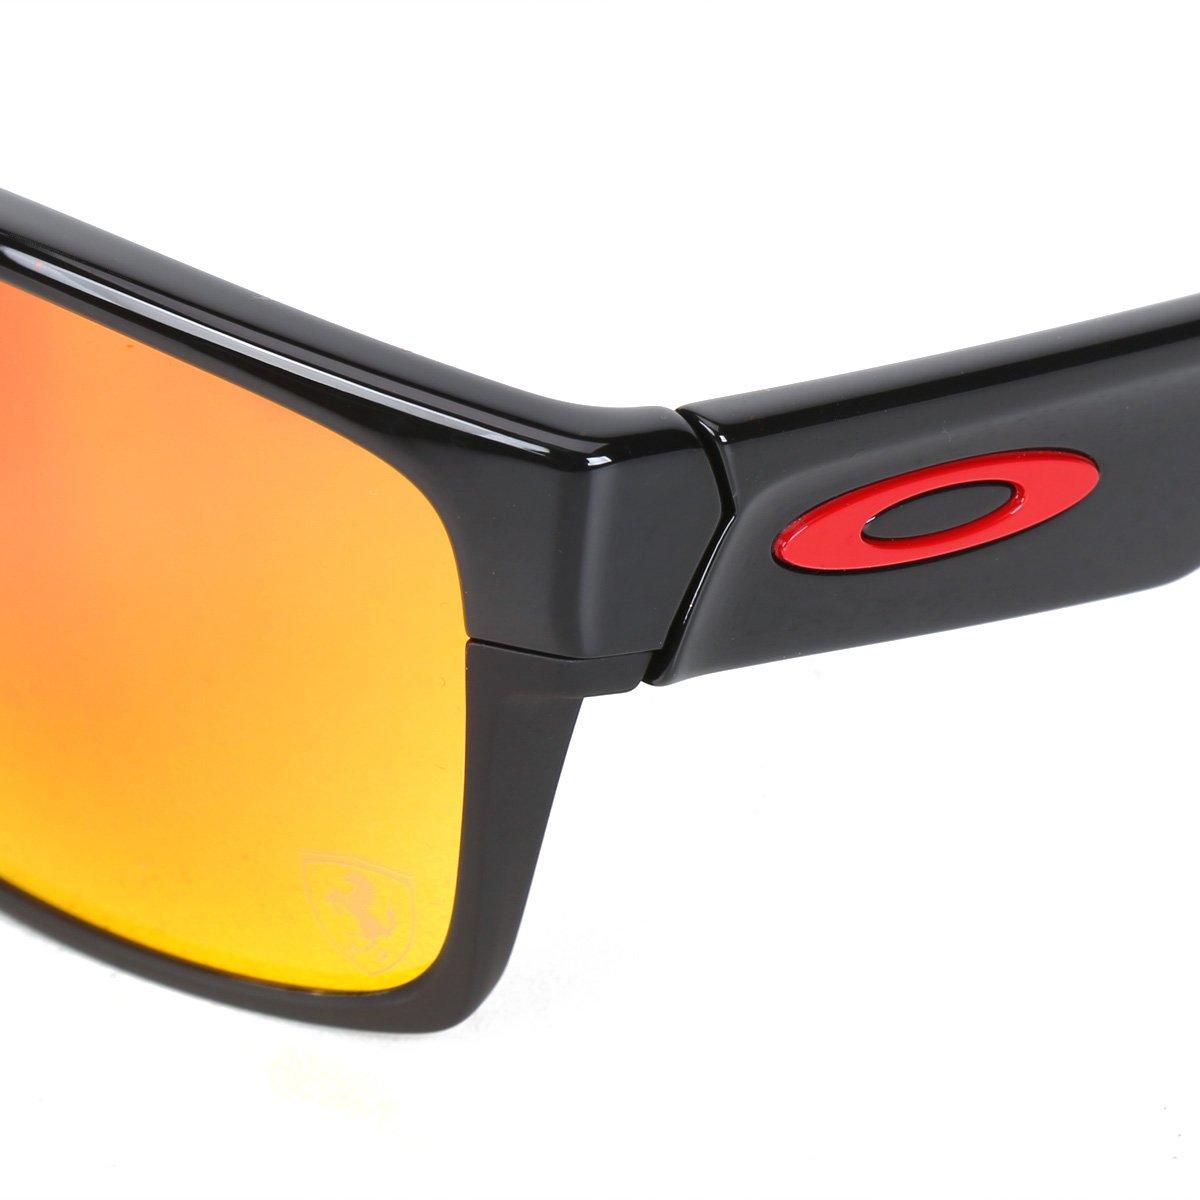 b2f45009be92a Óculos Oakley Ferrari TwoFace Polished Ruby Iridium - Compre Agora ...